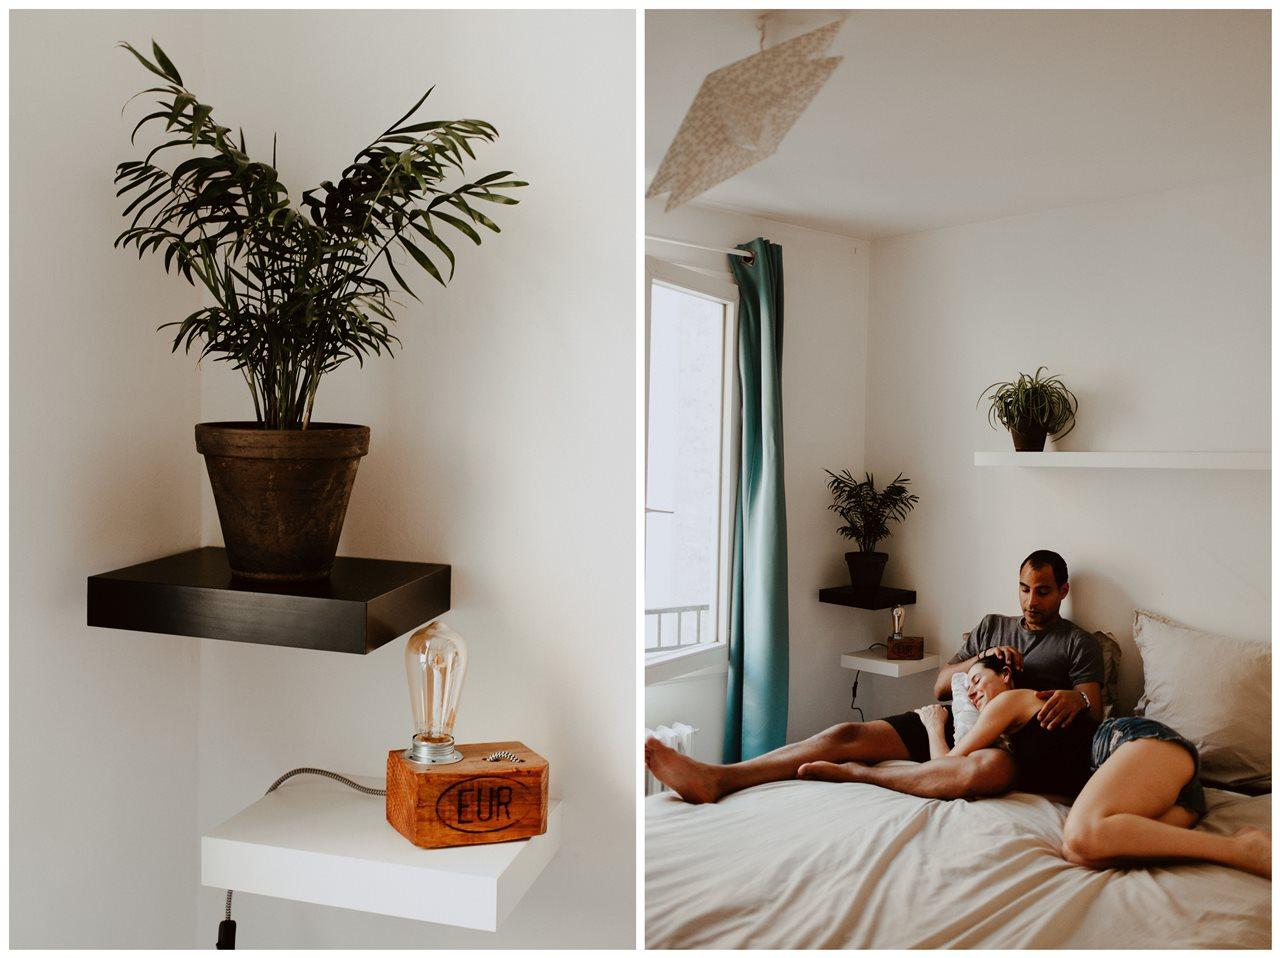 seance-couple-intimiste-maison-chambre-calin-lit-détails-plante-lampe